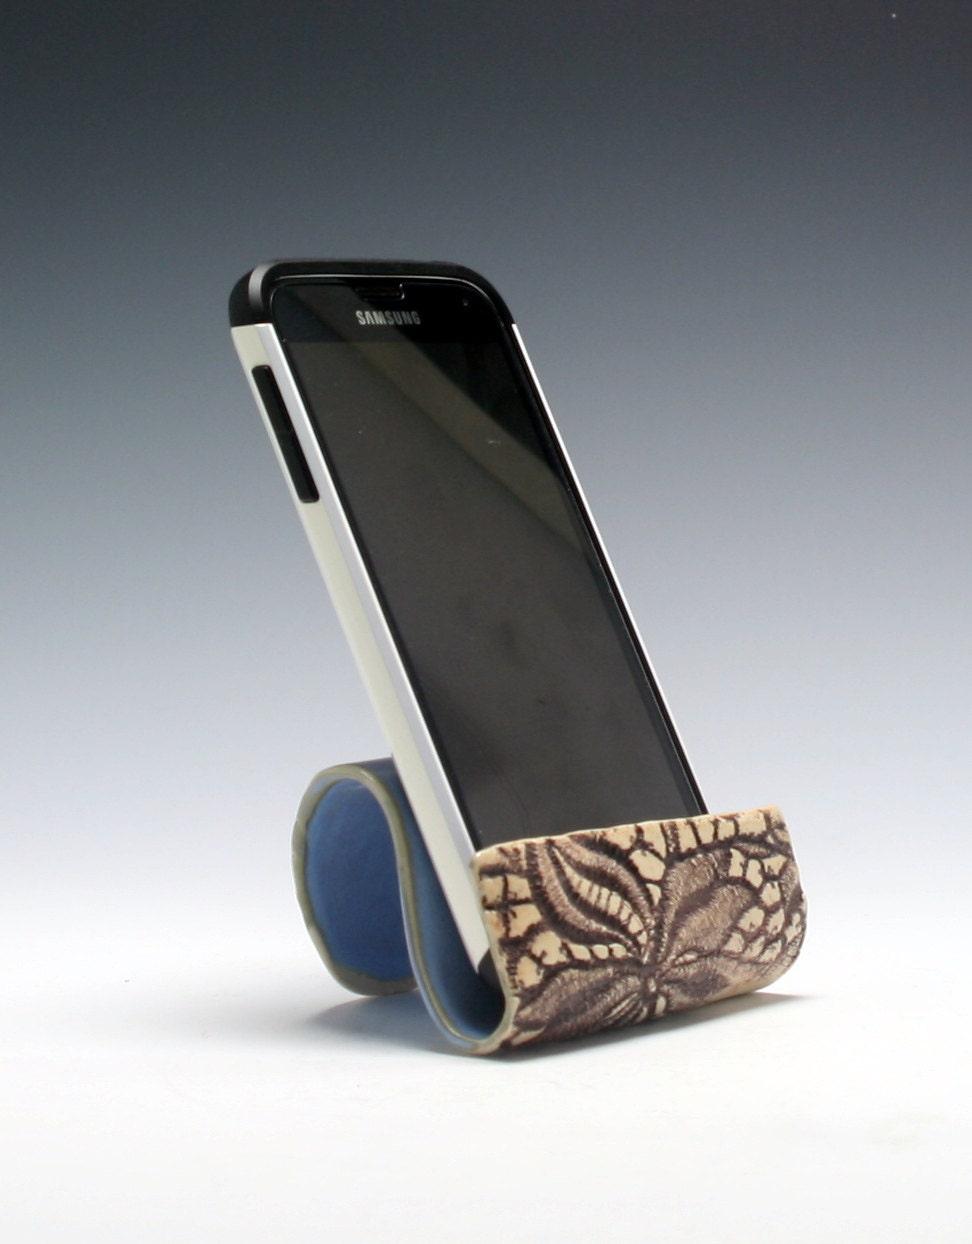 Ceramic cell phone holder business card holder sponge